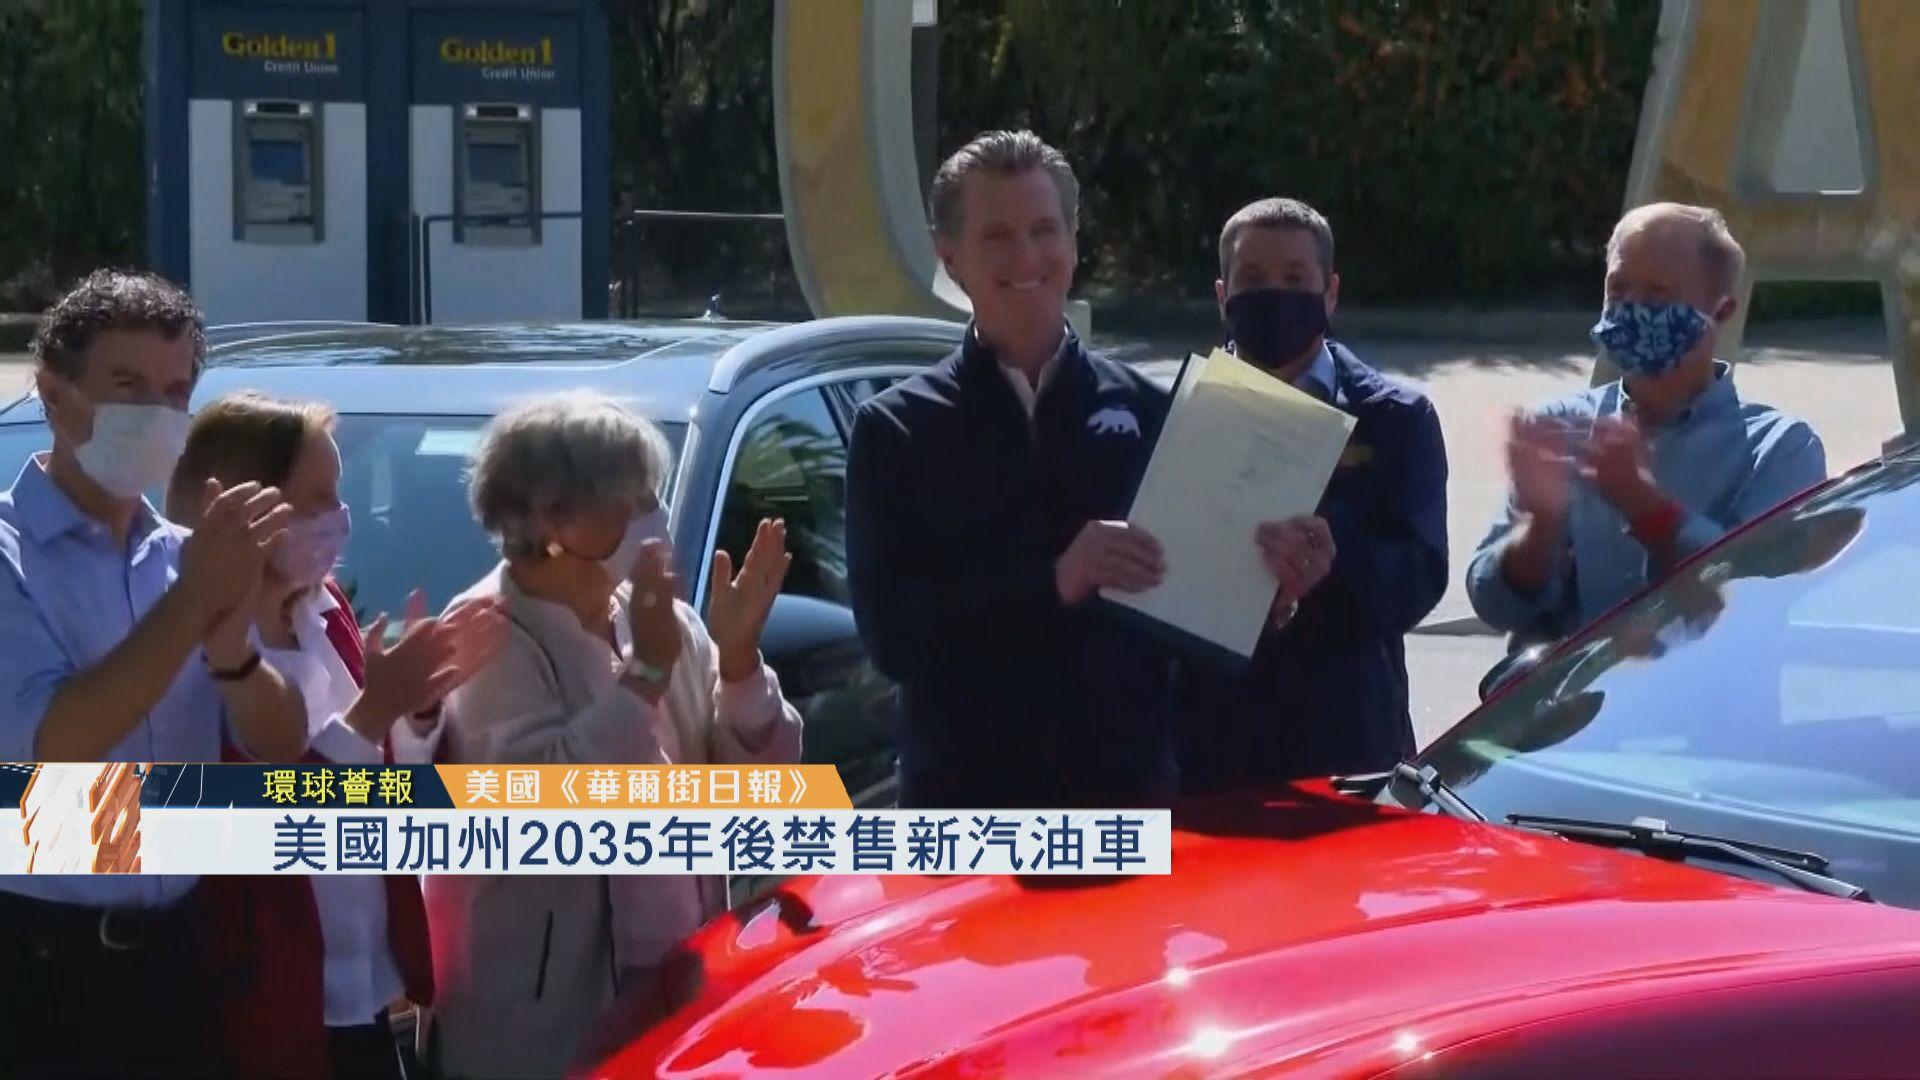 【環球薈報】美國加州2035年後禁售新汽油車